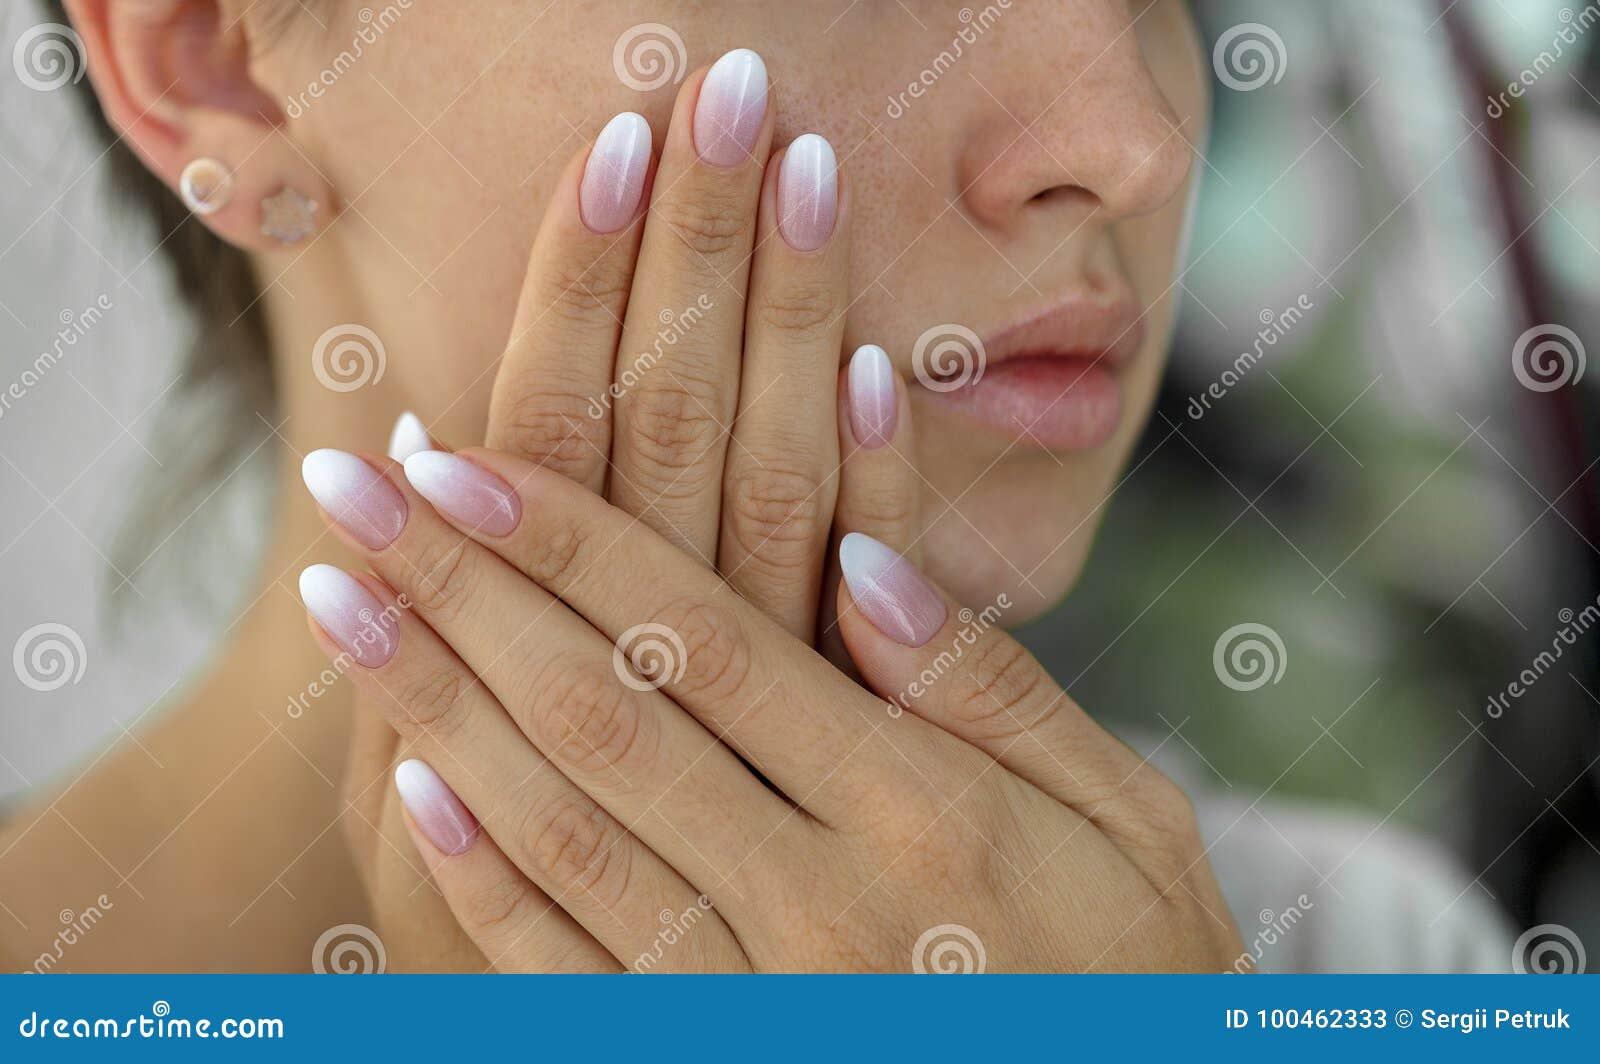 Красивые ногти ` s женщины с красивым ombre французского маникюра